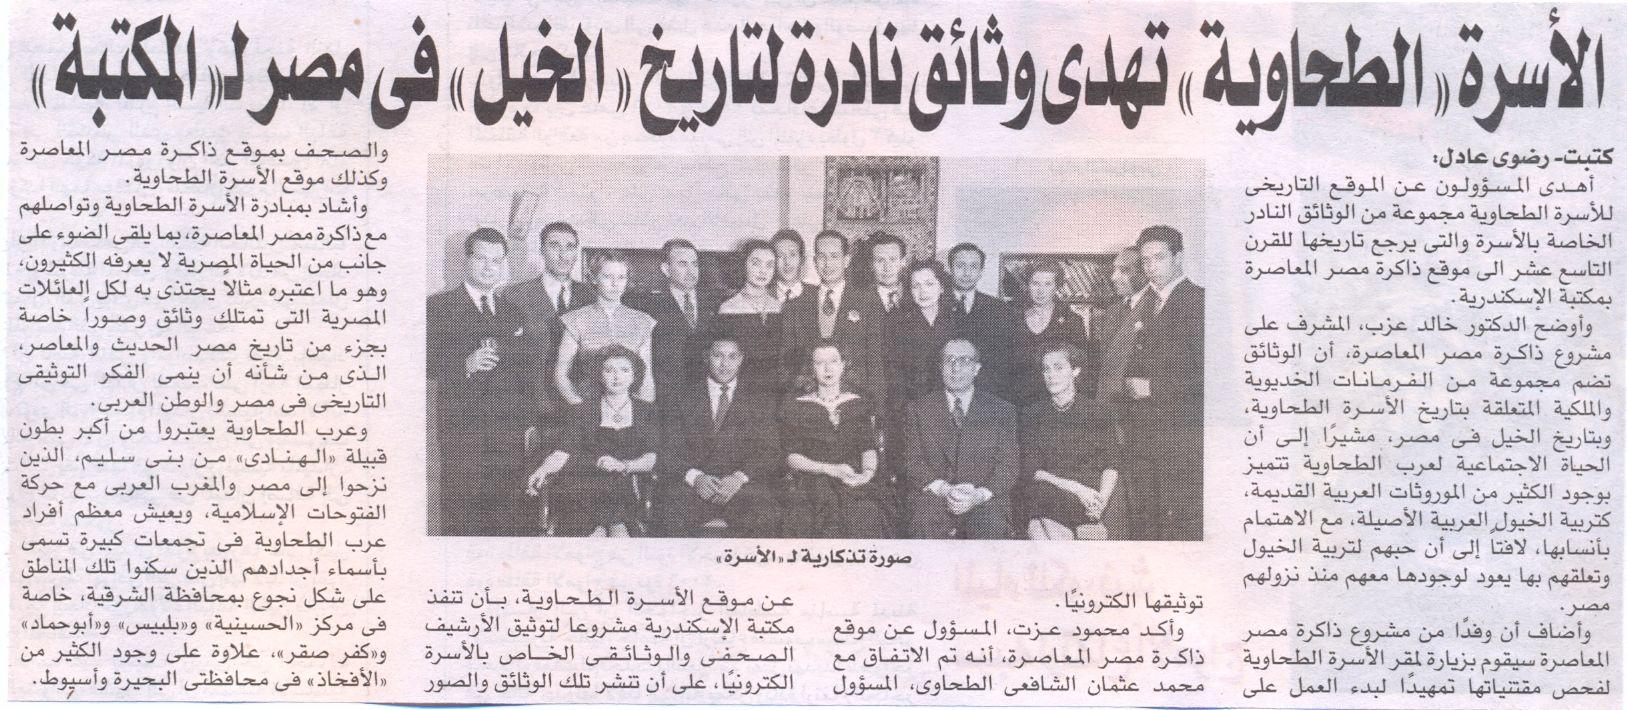 الأسرة الطحاوية تهدي وثائق نادرة لتاريخ الخيل في مصر للمكتبة طحاوي